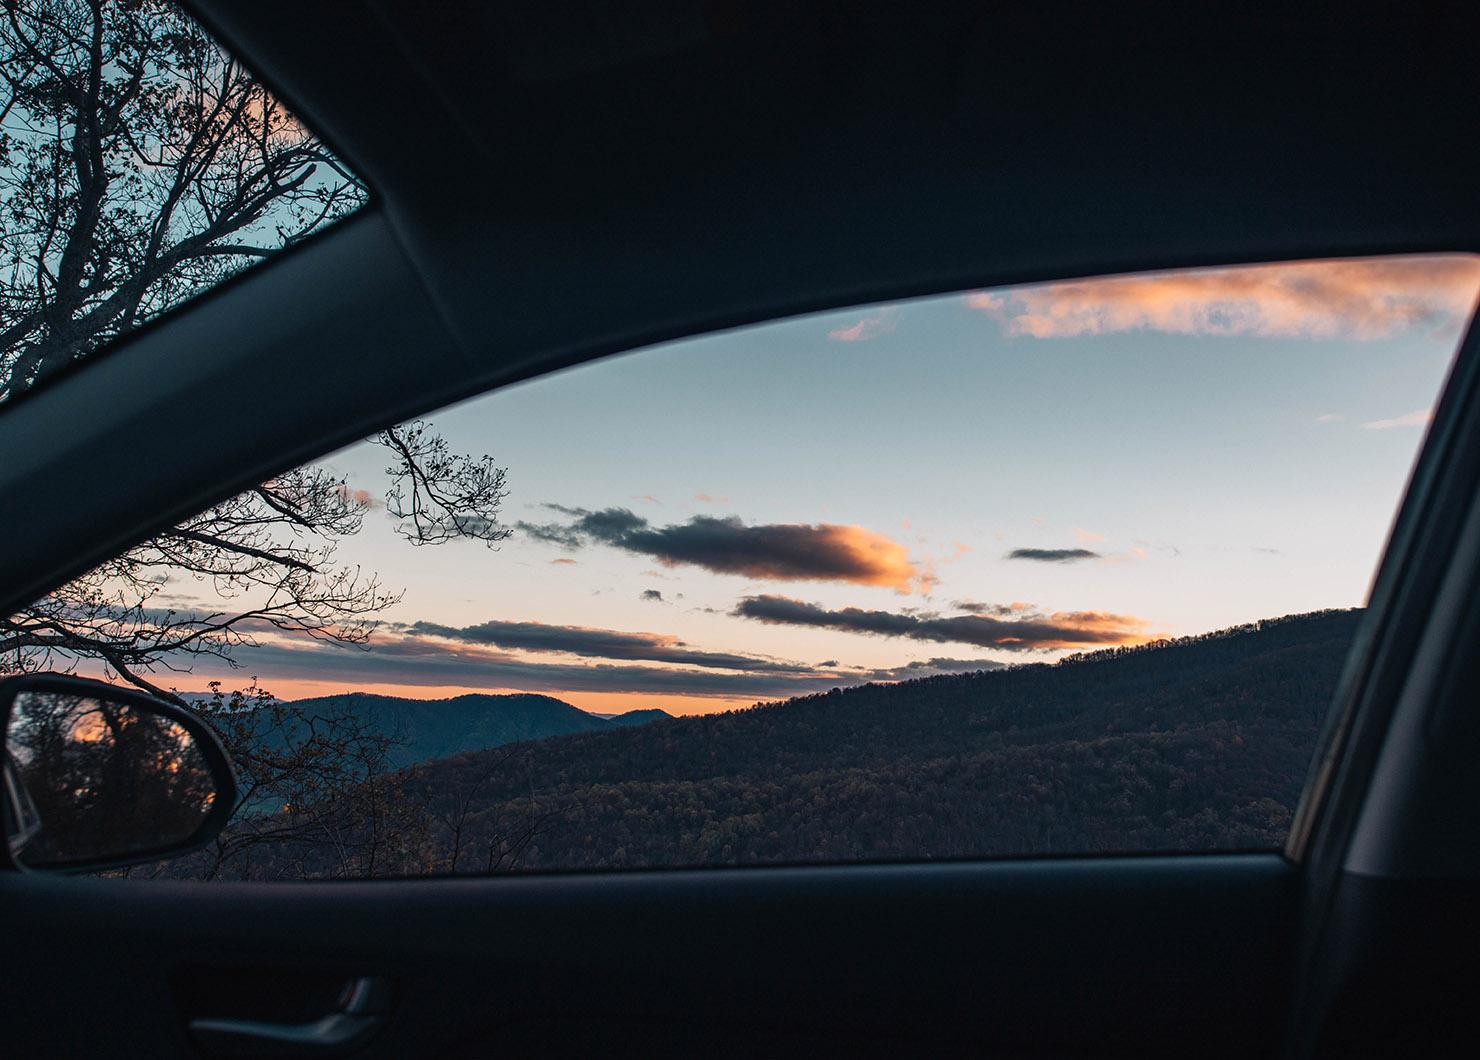 O melhor itinerário de viagem de outono da Nova Inglaterra • The Blonde Abroad 21